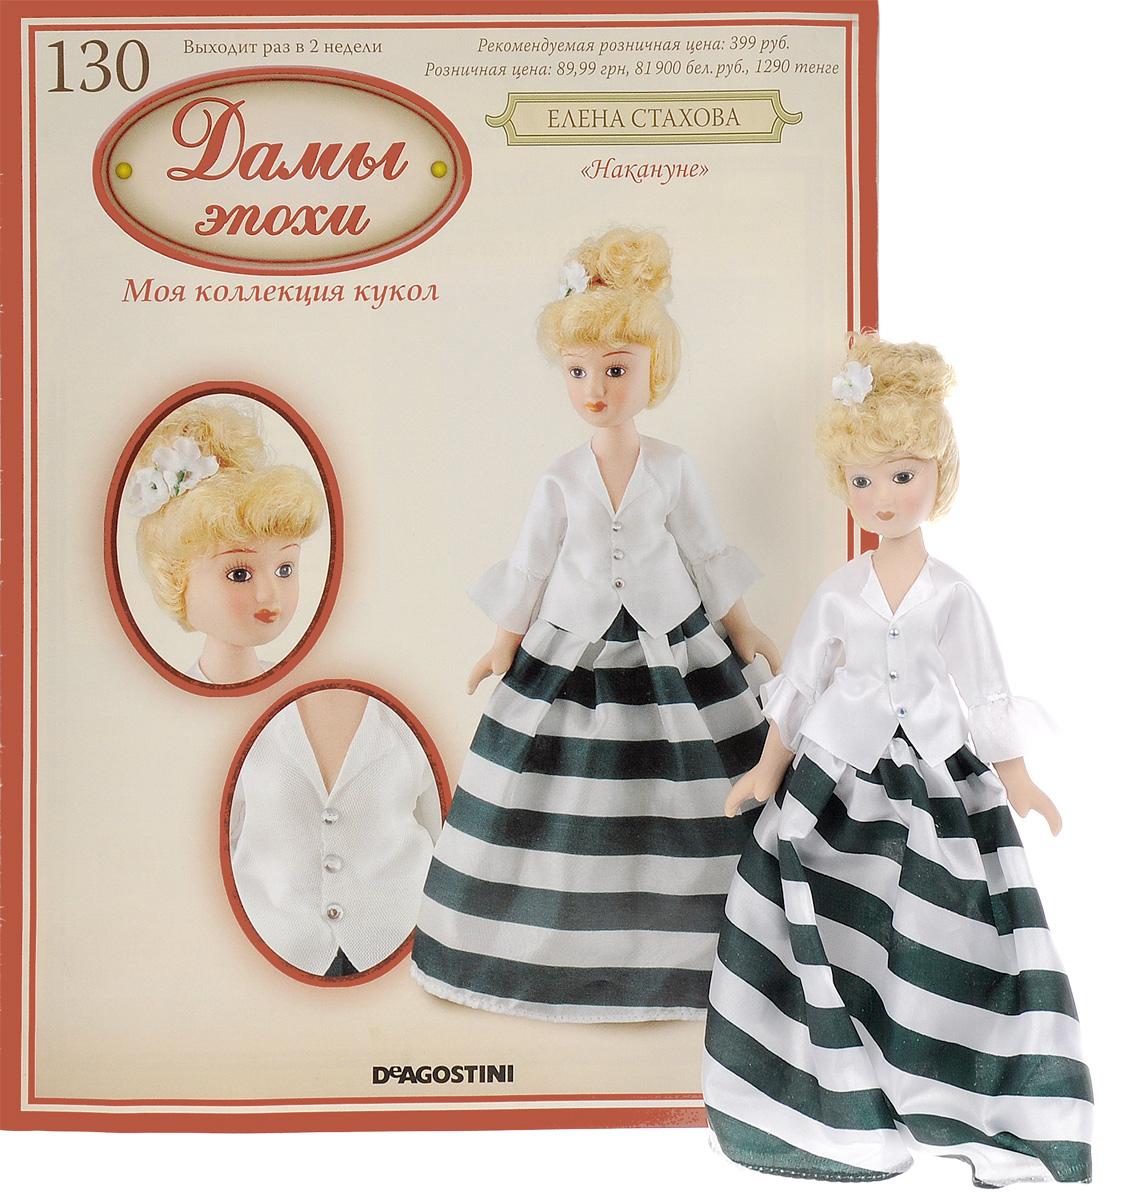 Журнал Дамы эпохи. Моя коллекция кукол № 130DAMES130Журнальная серия Дамы эпохи. Моя коллекция кукол будет интересна всем людям, увлекающимся костюмами героинь величайших романов всех времен и народов, коллекционированием кукол. К каждому выпуску прилагается коллекционная фарфоровая кукла, изготовленная по мотивам великих литературных произведений. Каждая кукла представлена в образе героини всемирно известного романа, которая с точностью воссоздает и отражает эпоху, к которой принадлежит. К данному выпуску прилагается кукла ручной работы в образе героини Елены Стаховой. Высота куклы - 21 см. Категория 16+.